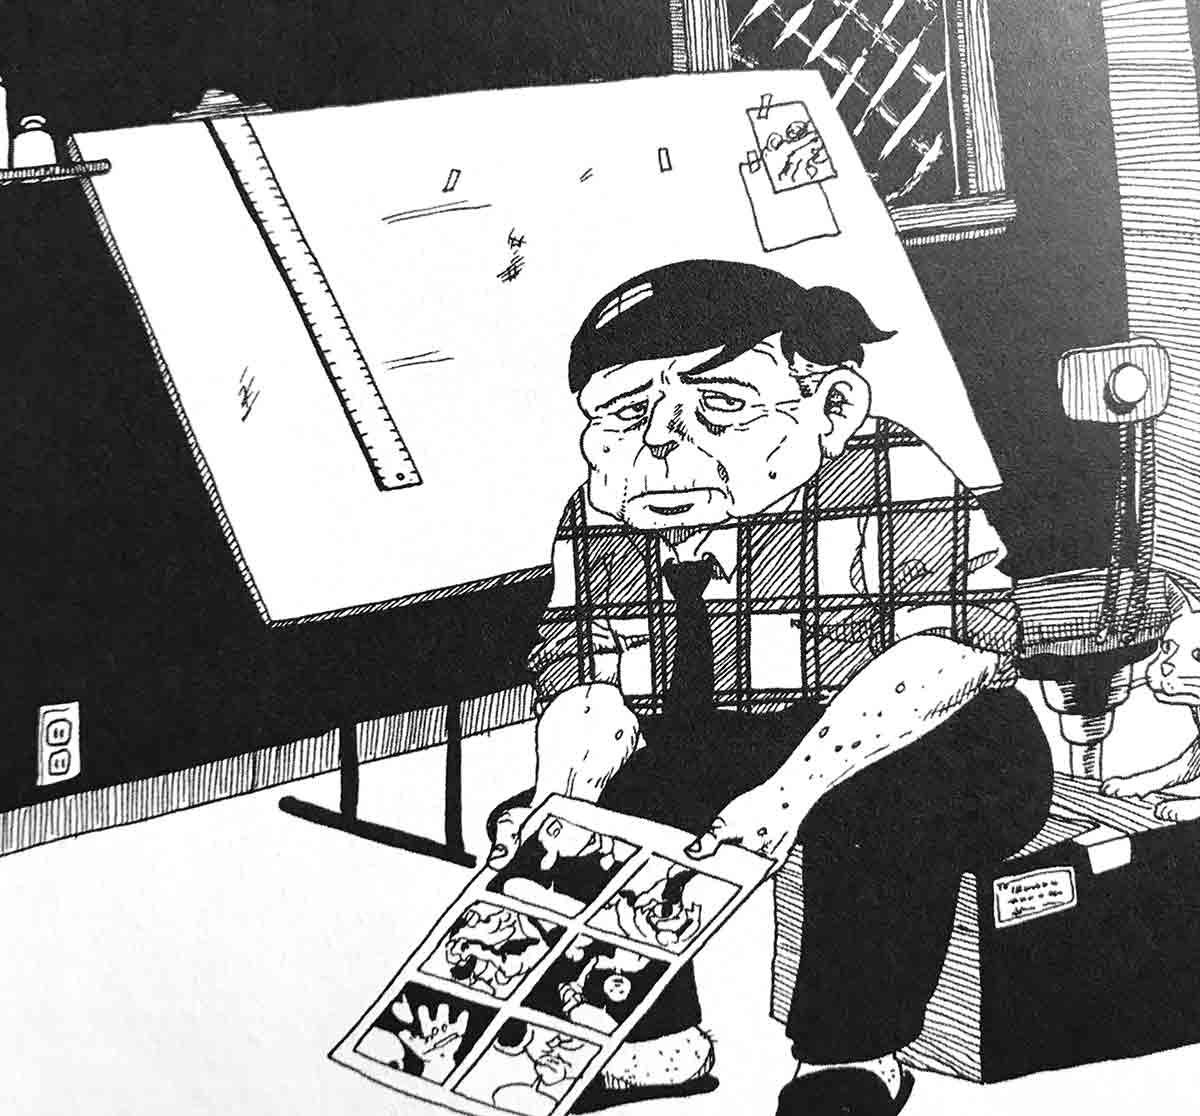 Esta novela gráfica profundiza en la frustración en el mundo editorial y del cómic